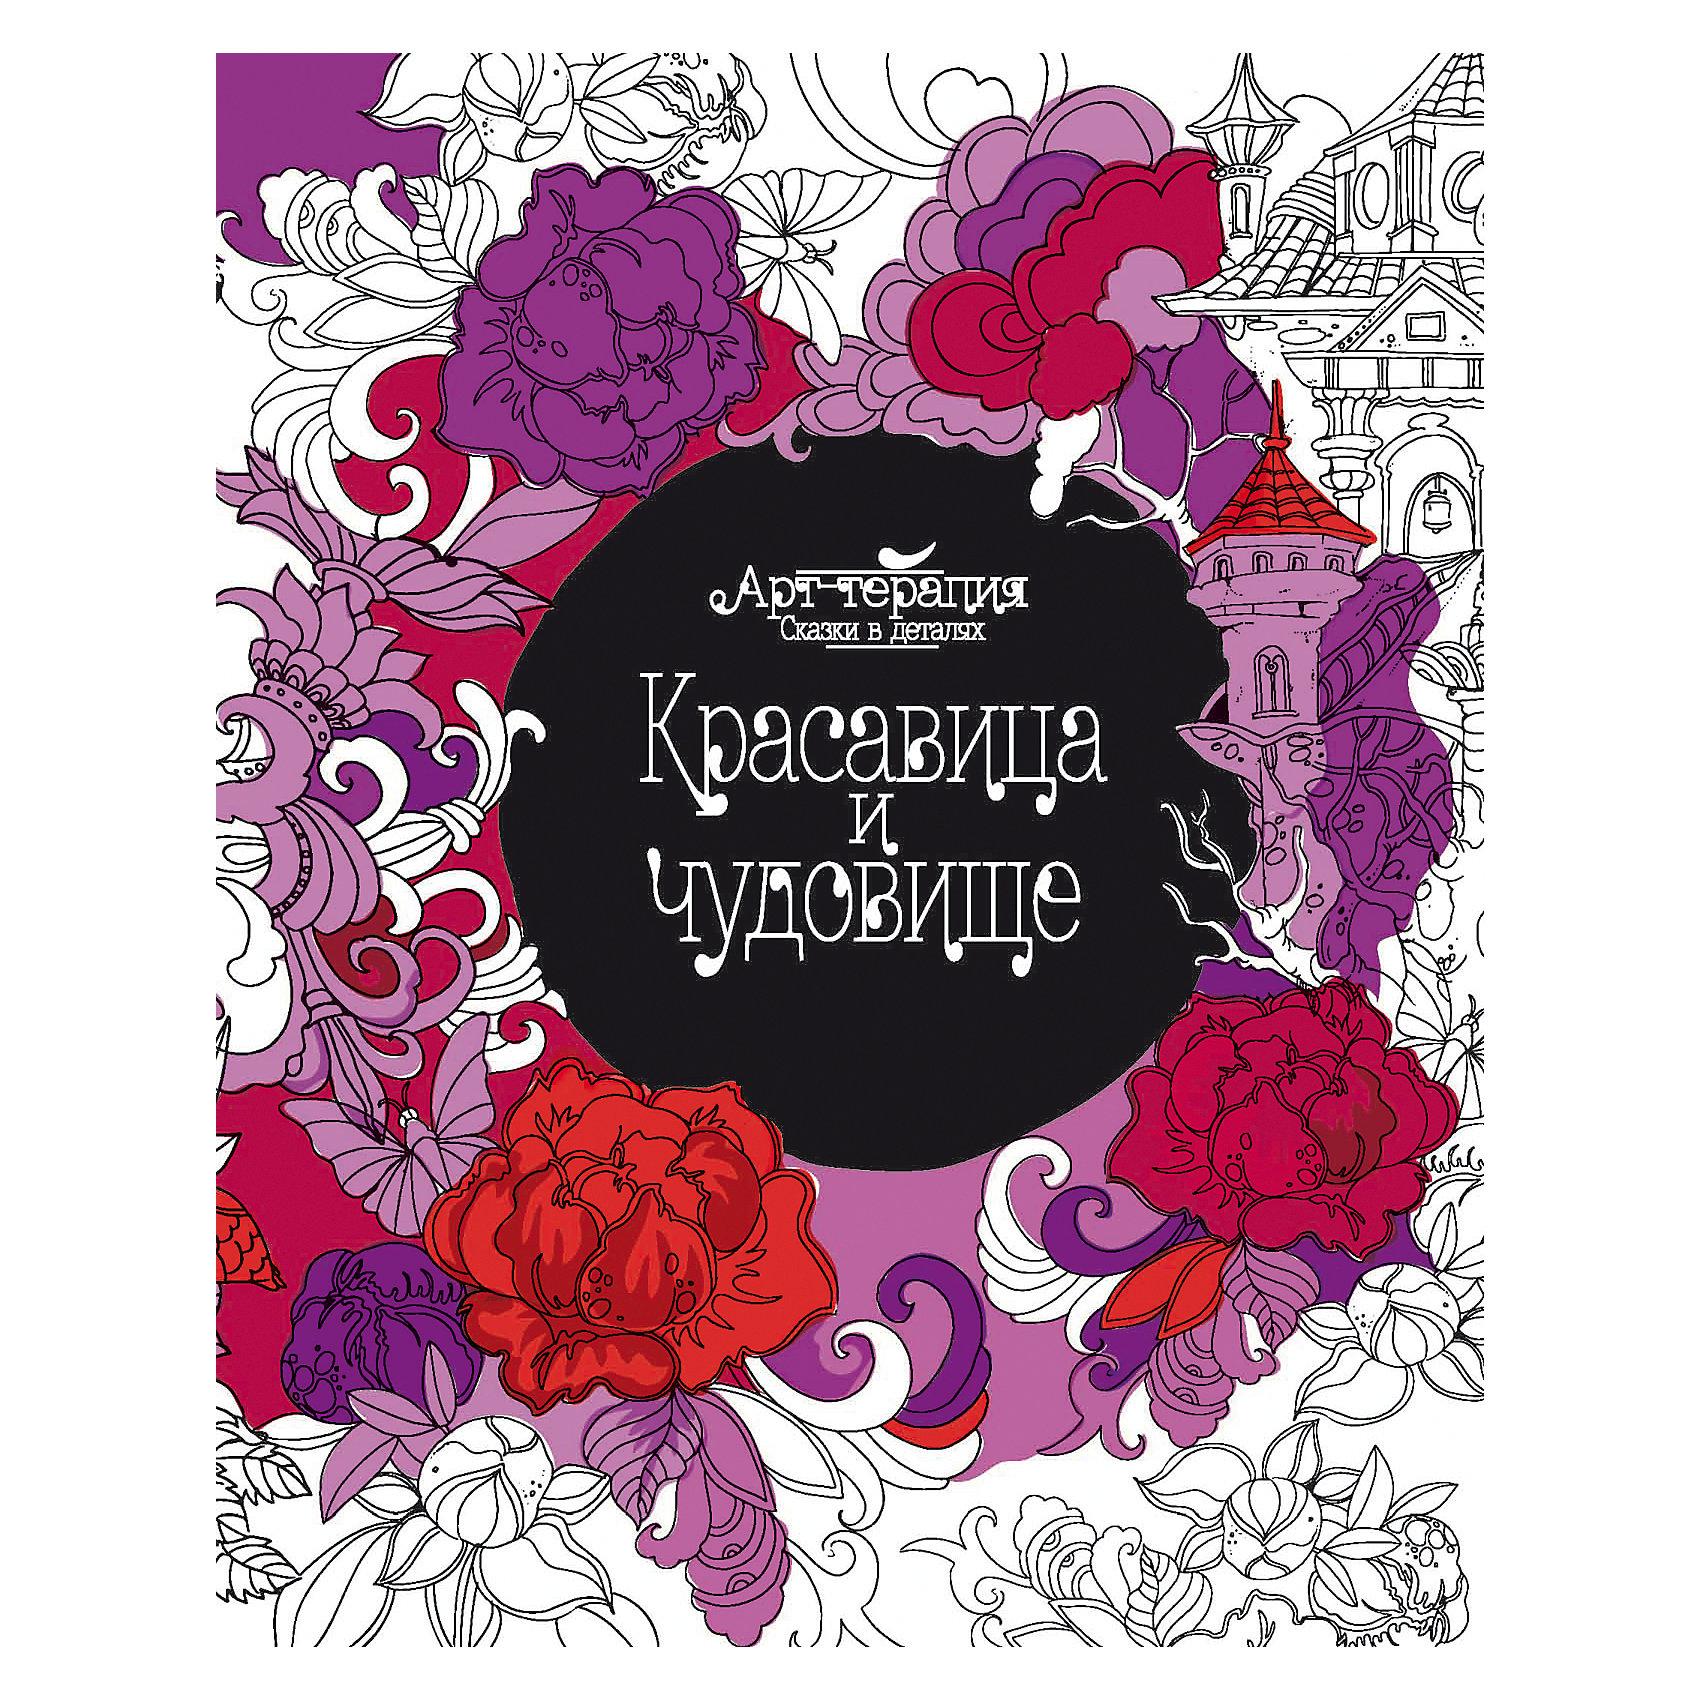 Книга Красавица и чудовищеРазвивающие книги<br>Книга Красавица и чудовище<br><br>Характеристики: <br><br>• Кол-во страниц: 16<br>• ISBN: 9785222269466<br>• Возраст: от 6 лет<br>• Обложка: мягкая глянцевая<br>• Формат: а4<br><br>На страницах этой книги собрано множество иллюстраций для известной детской сказки, в раскрашивании которых ваш ребенок может поучаствовать самолично. Каждая иллюстрация обладает высокой степенью проработки и детализации, а потому данная раскраска будет интересна не только для детей, но и для взрослых! <br><br>Книгу Красавица и чудовище можно купить в нашем интернет-магазине.<br><br>Ширина мм: 259<br>Глубина мм: 200<br>Высота мм: 20<br>Вес г: 64<br>Возраст от месяцев: -2147483648<br>Возраст до месяцев: 2147483647<br>Пол: Унисекс<br>Возраст: Детский<br>SKU: 5464505